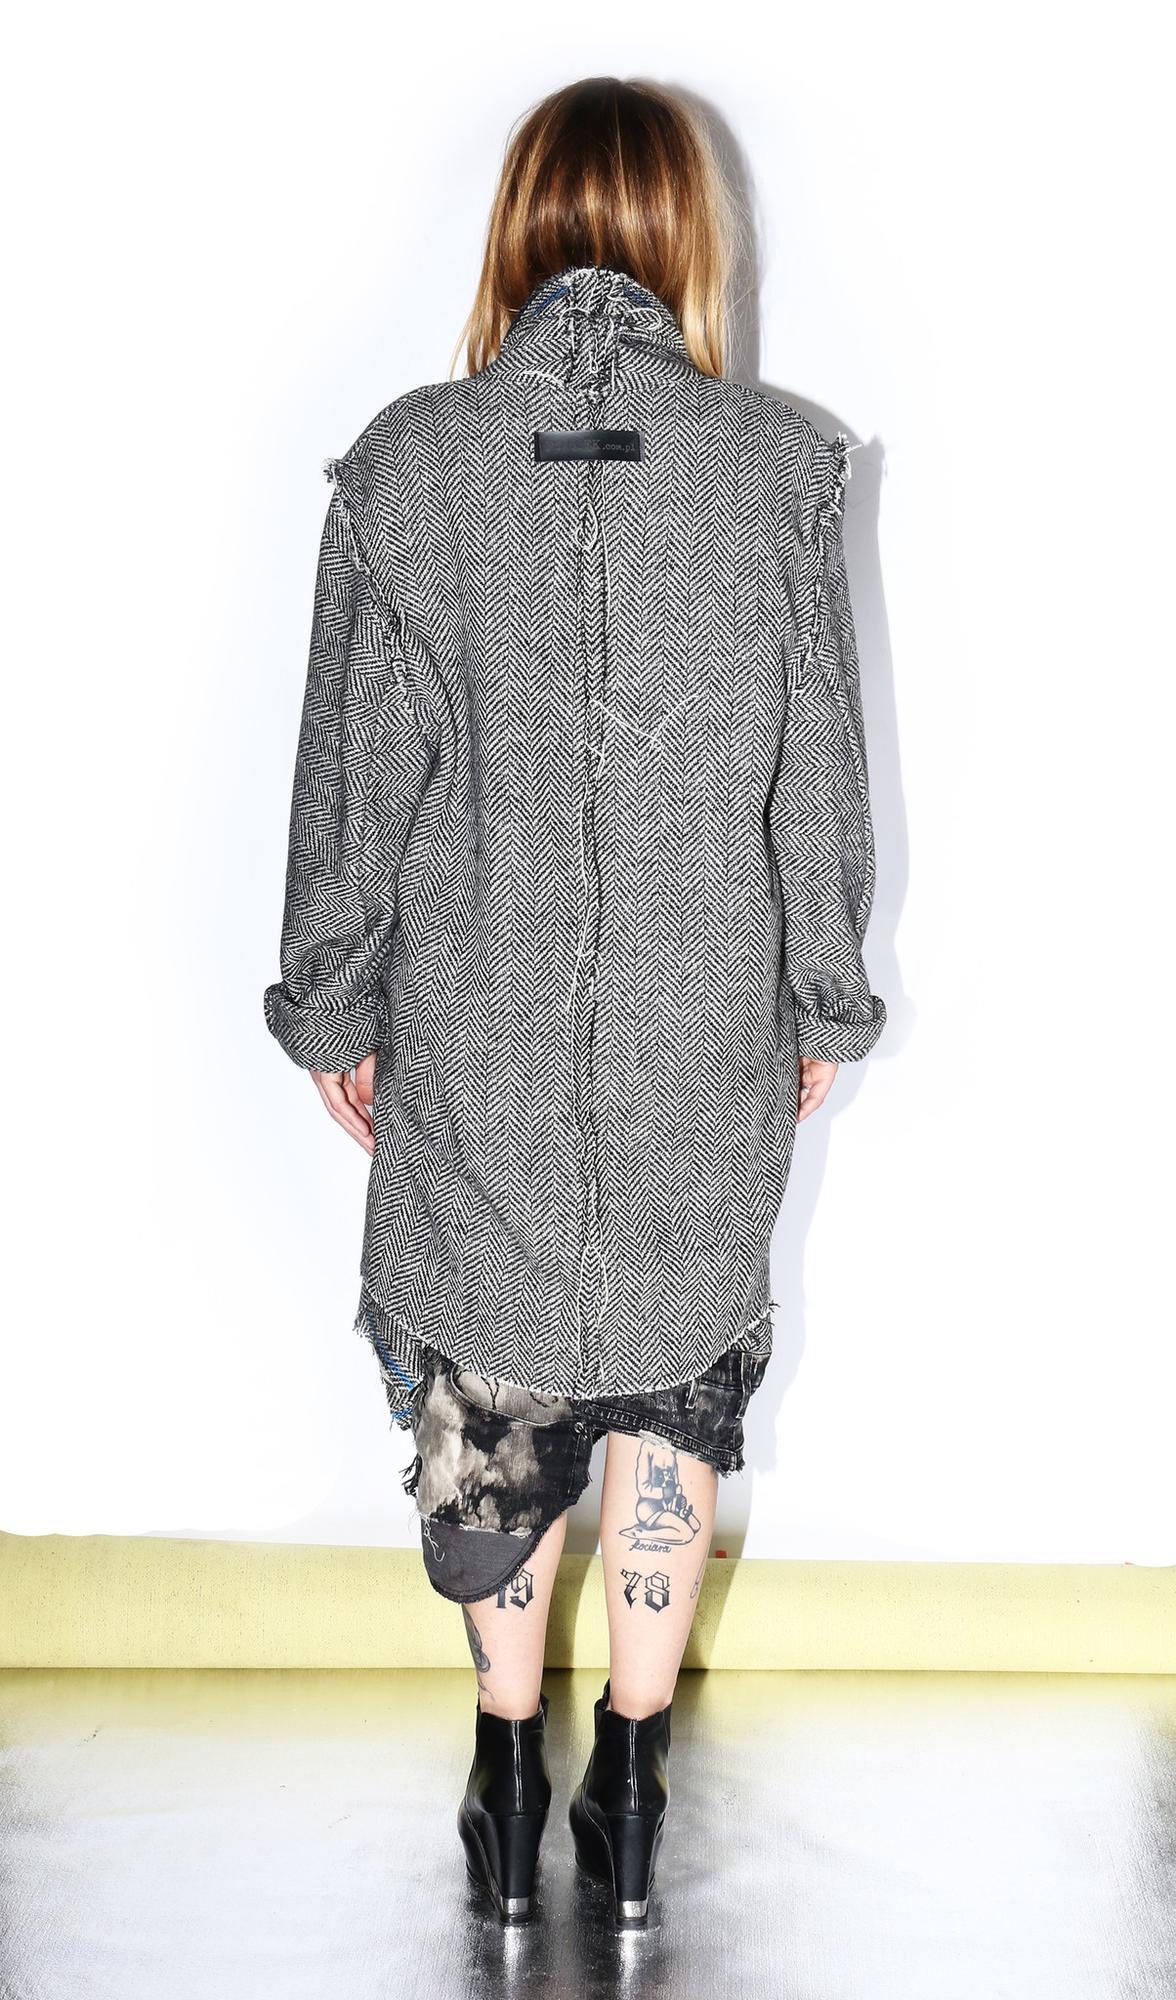 Płaszcz z grubej mięsistej wełny Bez podszewki Szyty szwami na zewnątrz kieszenie w szwach Kołnierz szalowy Z tyłu czarne logo PtASZEK Zdjęcia z pokazu KTW FASHION WEEK Fot: Filip Okopny Fashion Images @filipokopny @fashionimages eu pranie ręczne pranie chemiczne Kolekcje są szyte w autorskiej pracowni PtASZEK na zamówienie w limitowanych ilościach czas realizacji 7 dni POTRZEBUJESZ POMOCY MASZ PYTANIA ? Zadzwoń customer service 48608317395 lub wyślij e mail do nas